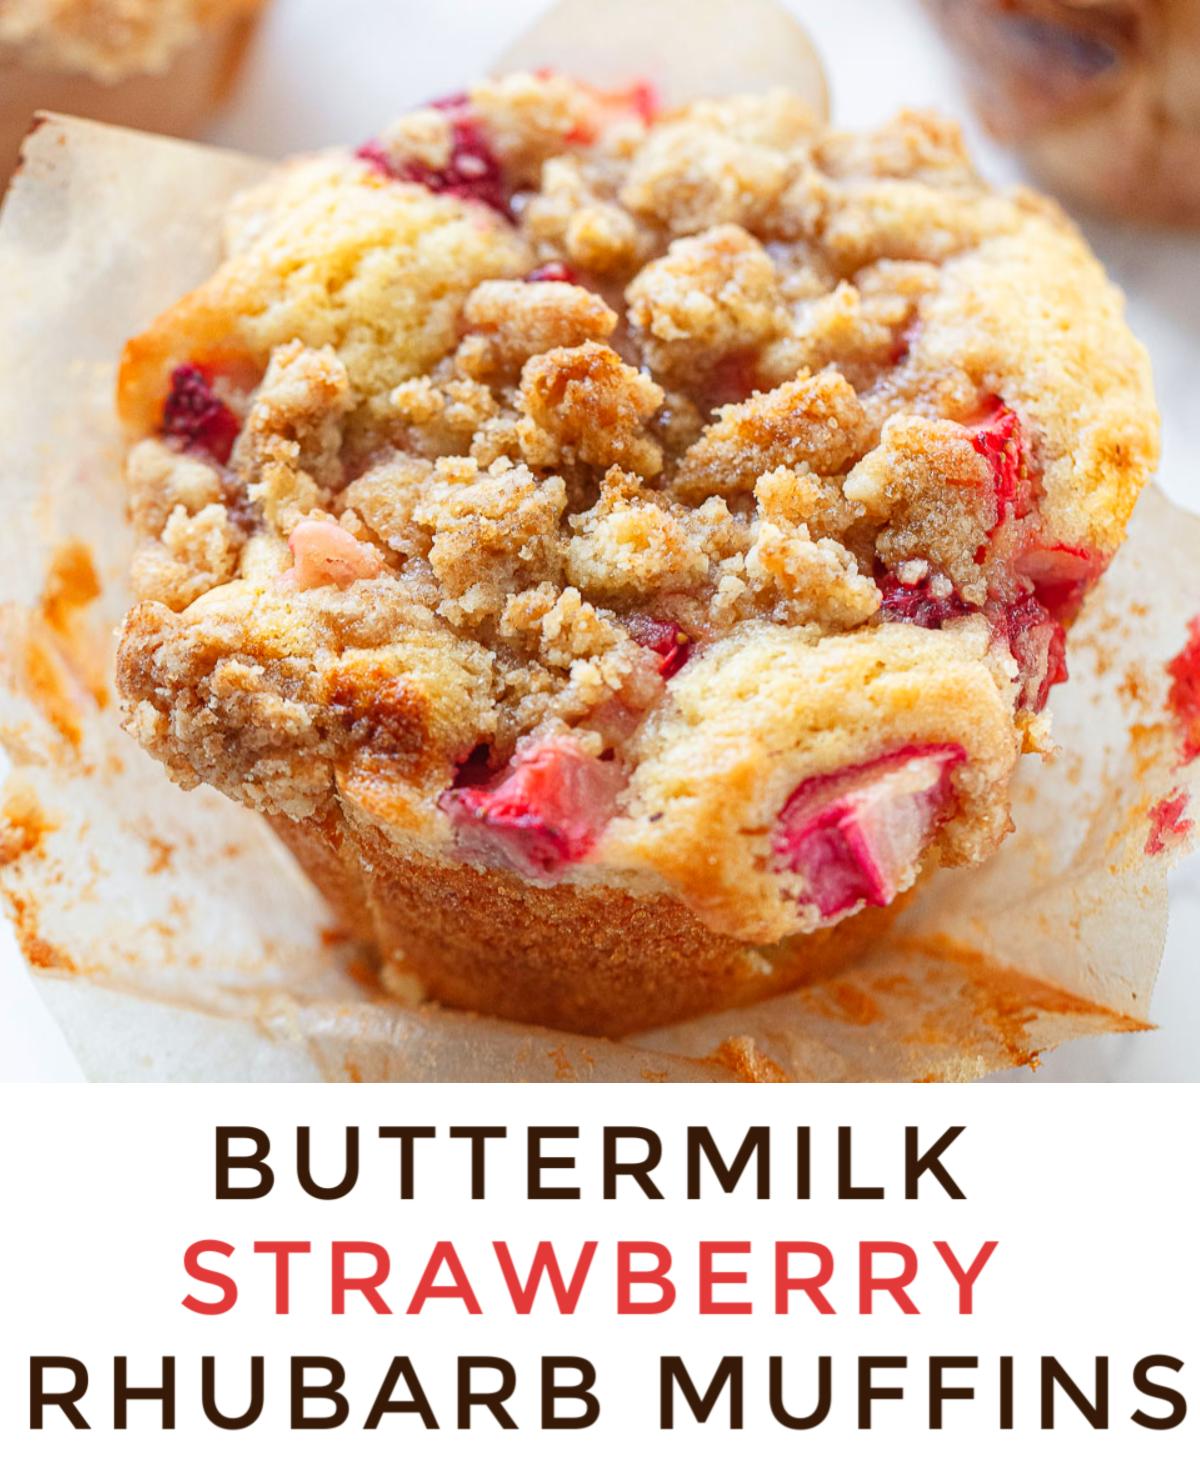 Big Buttermilk Strawberry Rhubarb Muffins In 2020 Breakfast Recipes Easy Strawberry Rhubarb Muffins Love Food